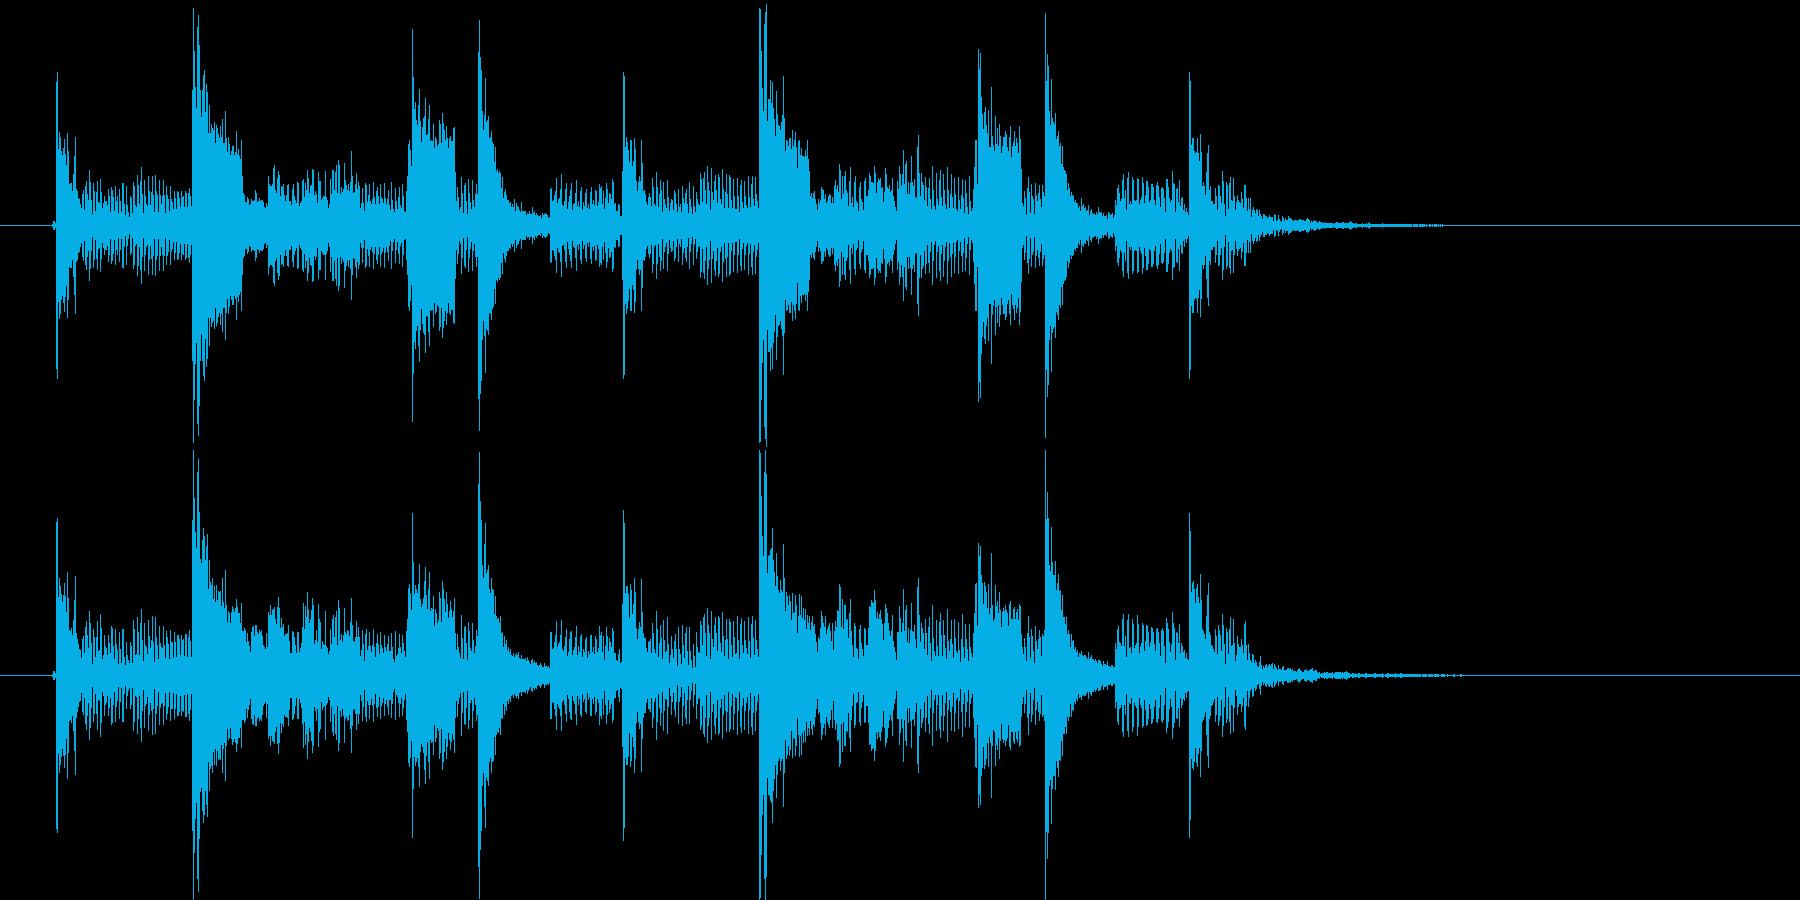 ソウルミュージックのサンプリング・ループの再生済みの波形